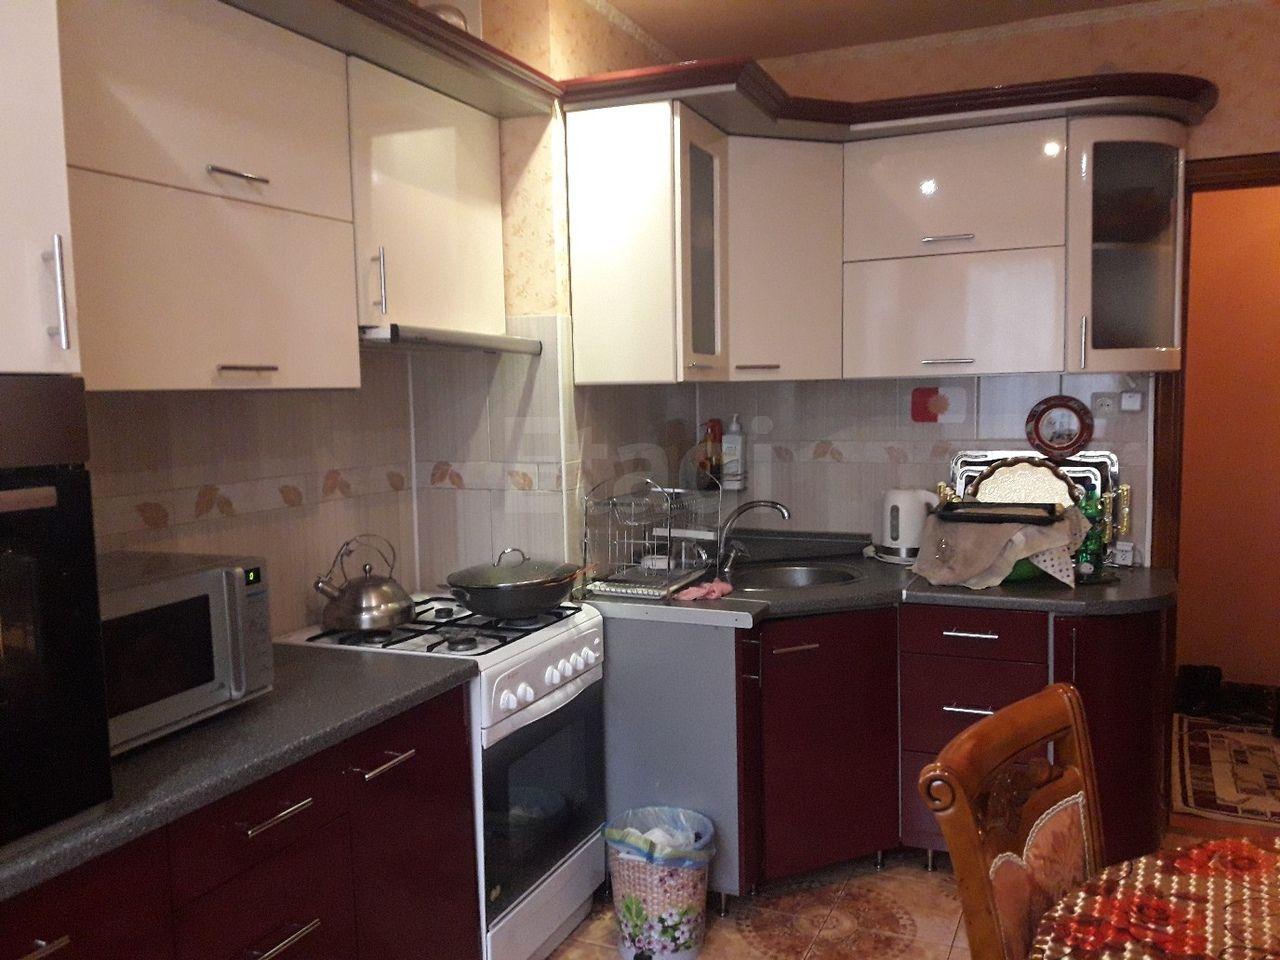 Муром, Воровского, 88, 3-к. квартира на продажу